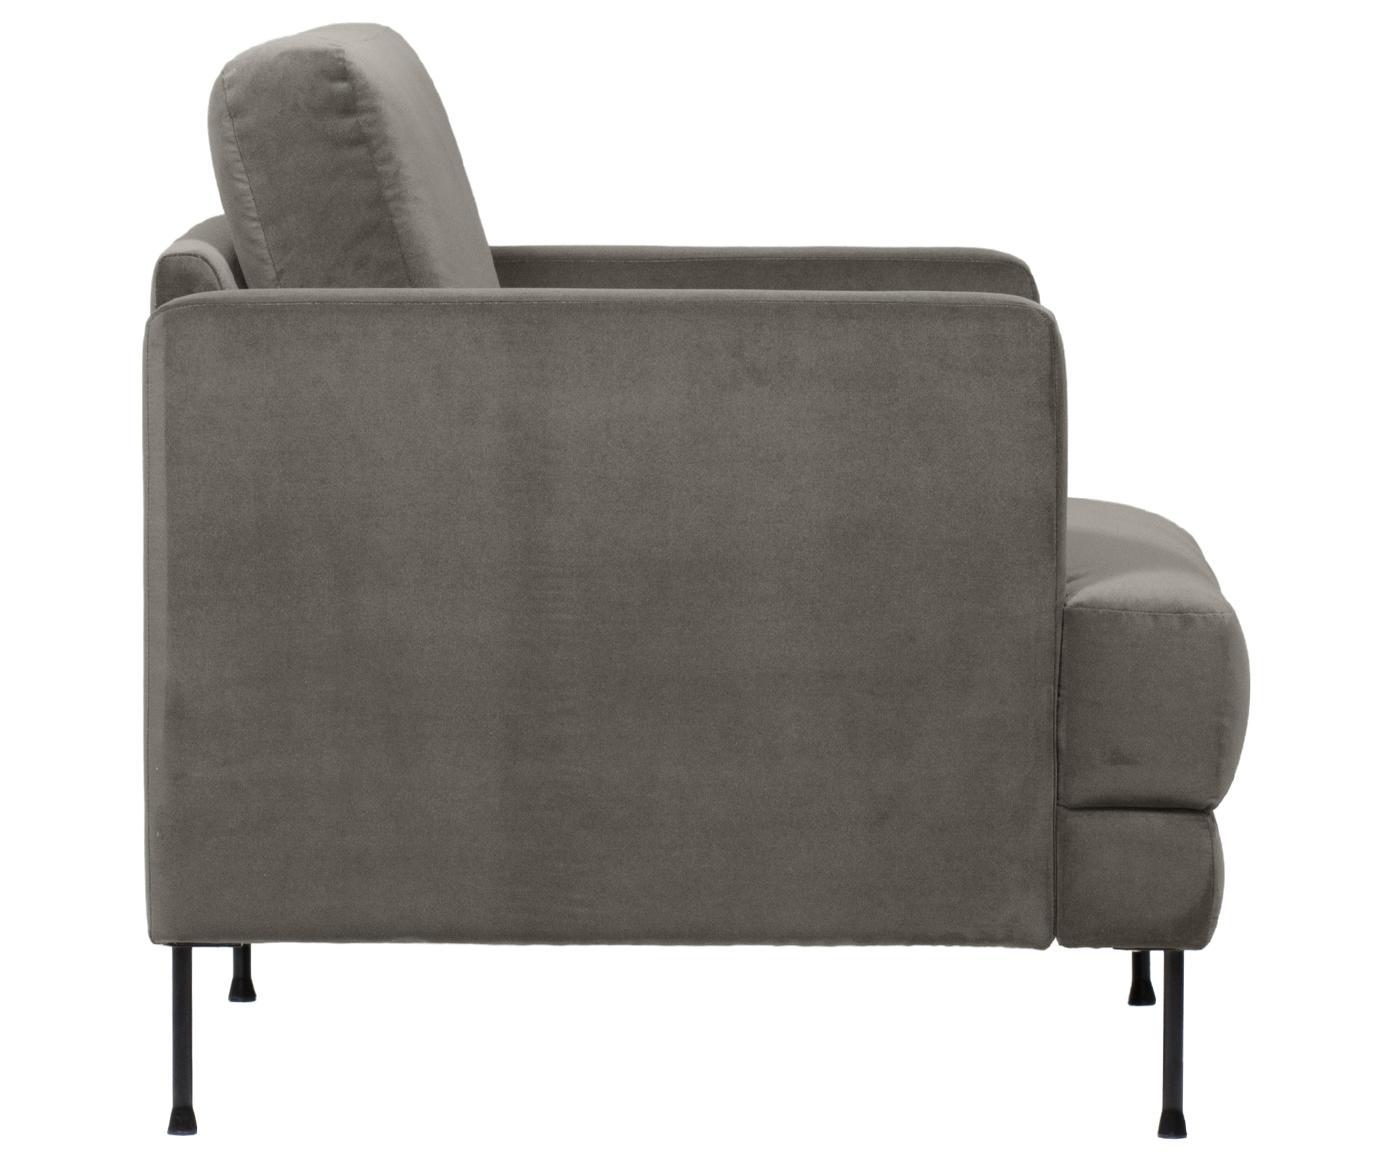 Fluwelen fauteuil Fluente, Bekleding: fluweel (hoogwaardig poly, Frame: massief grenenhout, Poten: gelakt metaal, Bruingrijs, B 76 x D 83 cm